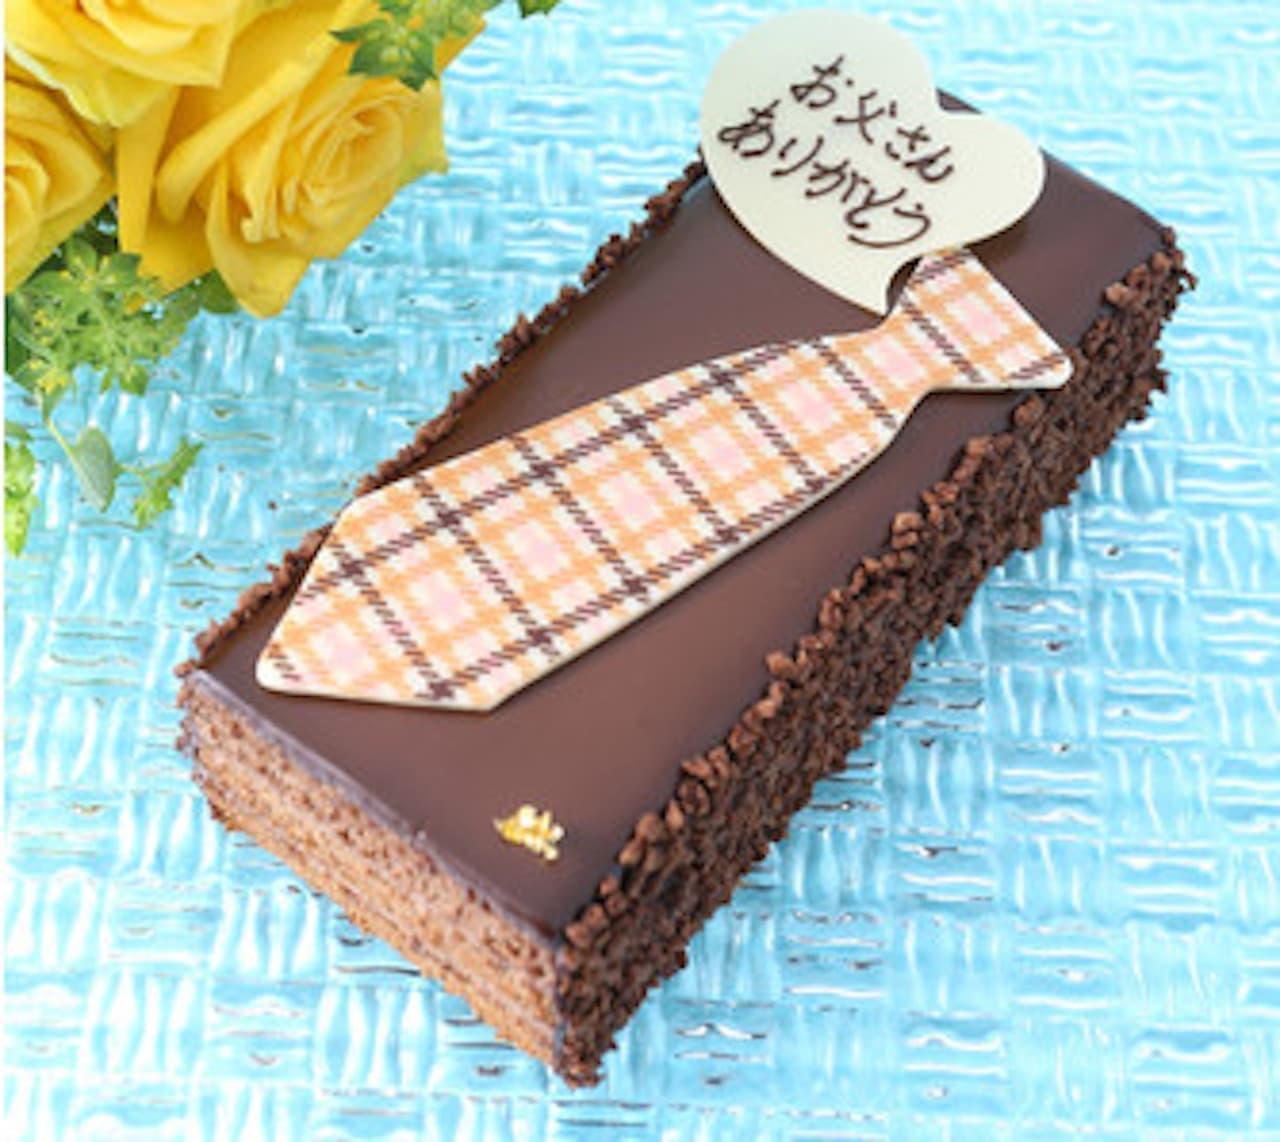 アンテノール 父の日限定ケーキ「父の日 ベルギーショコラケーキ」